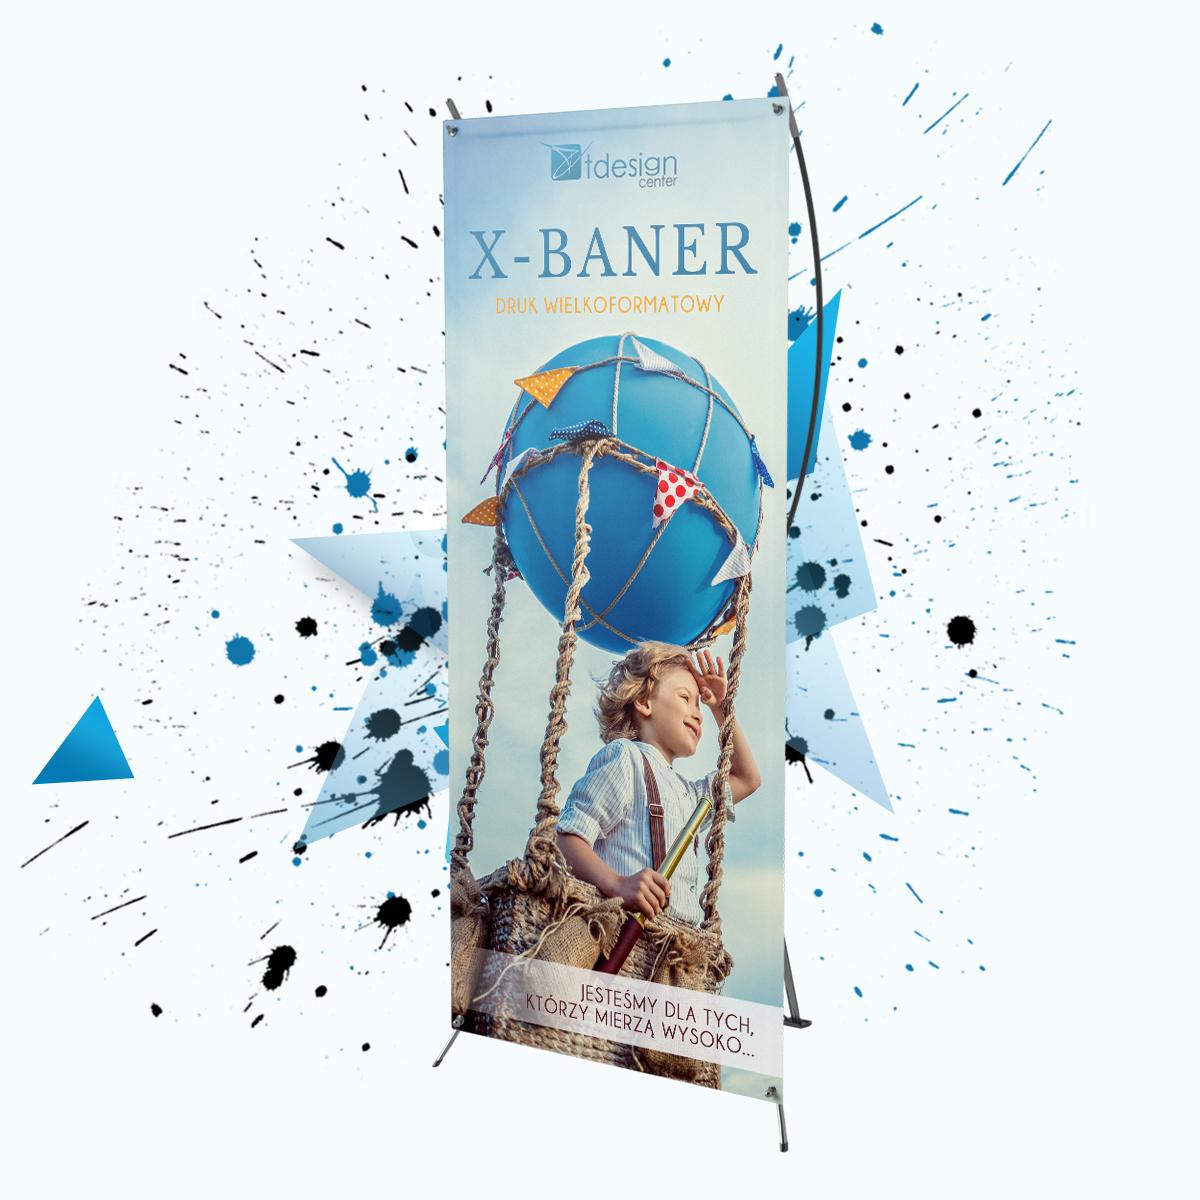 X-baner pajączek spider